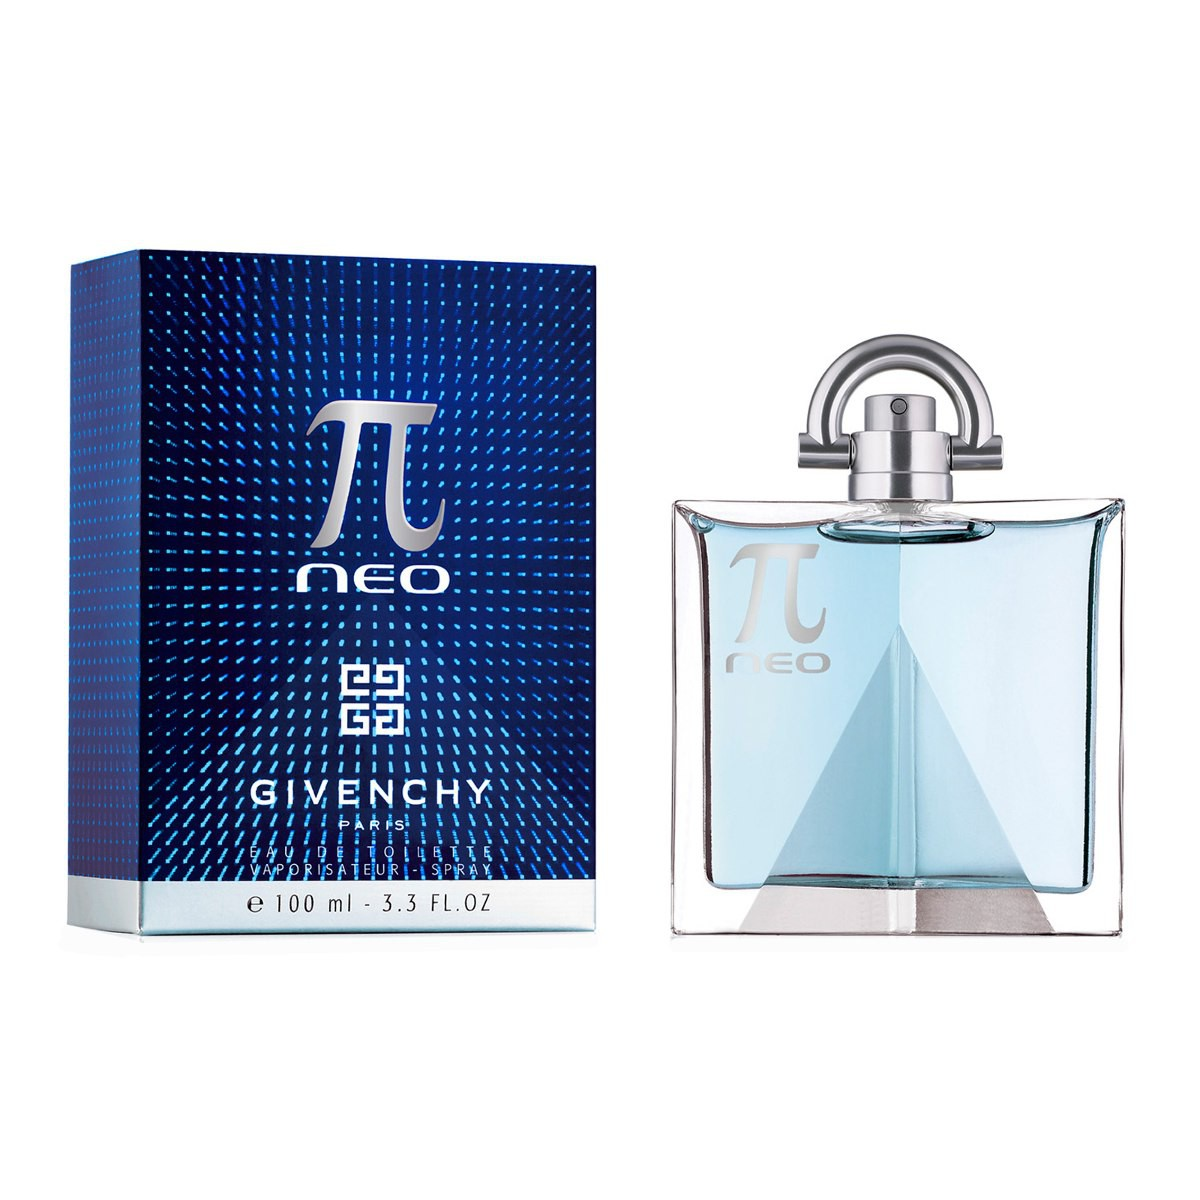 Givenchy Pi Neo аромат для мужчин